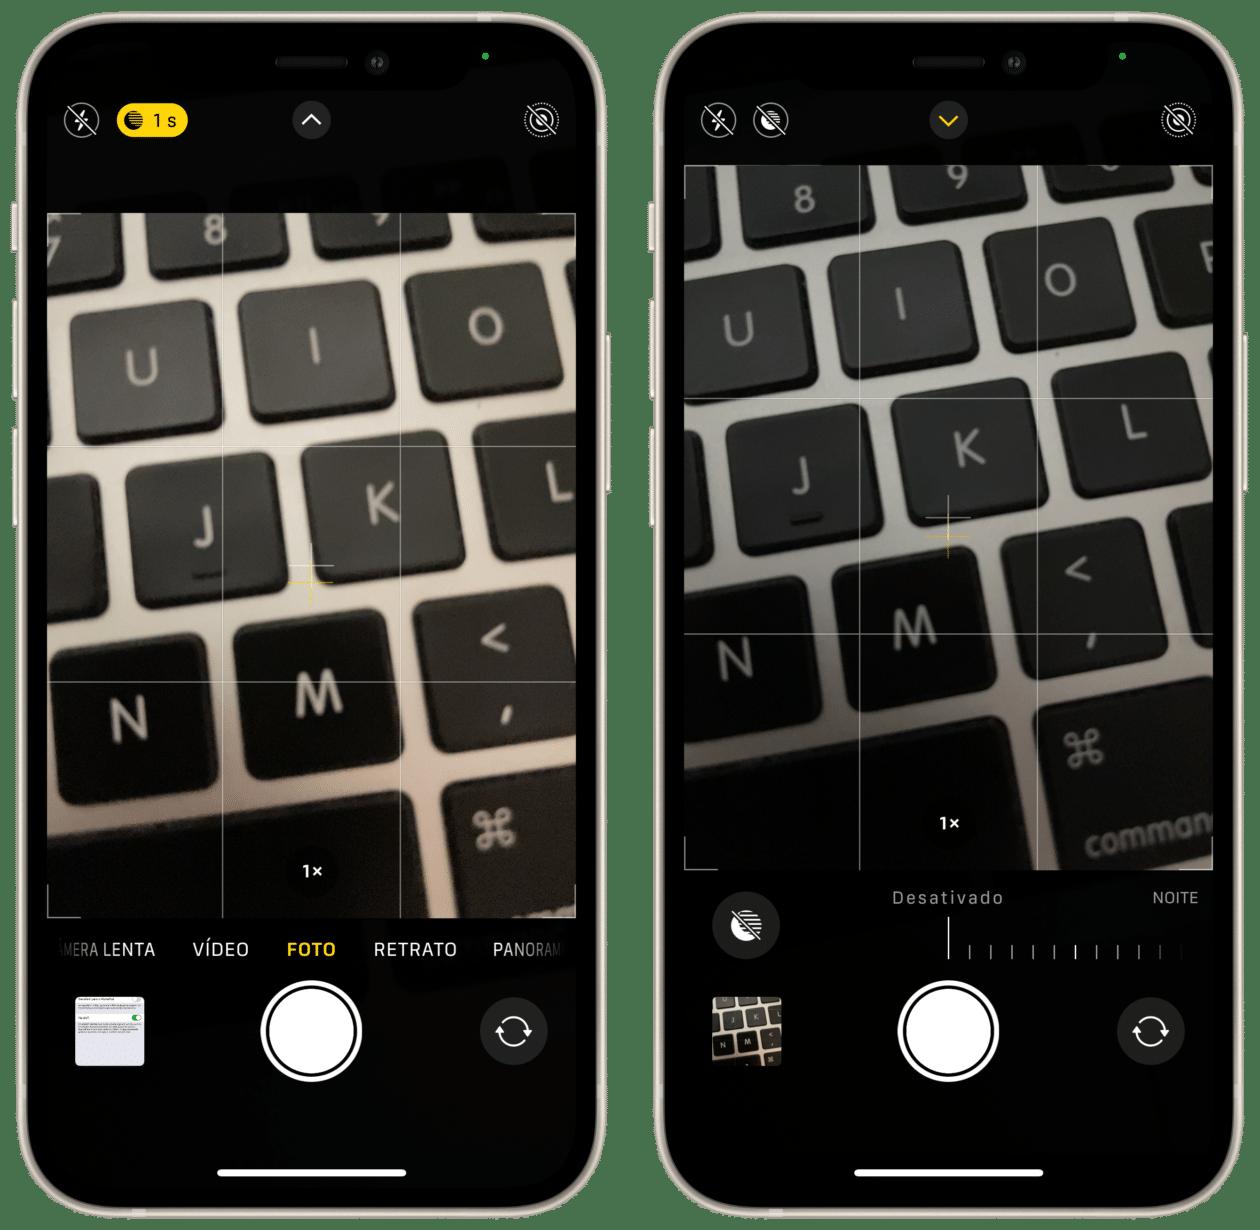 Desativando manualmente o modo Noite no iPhone